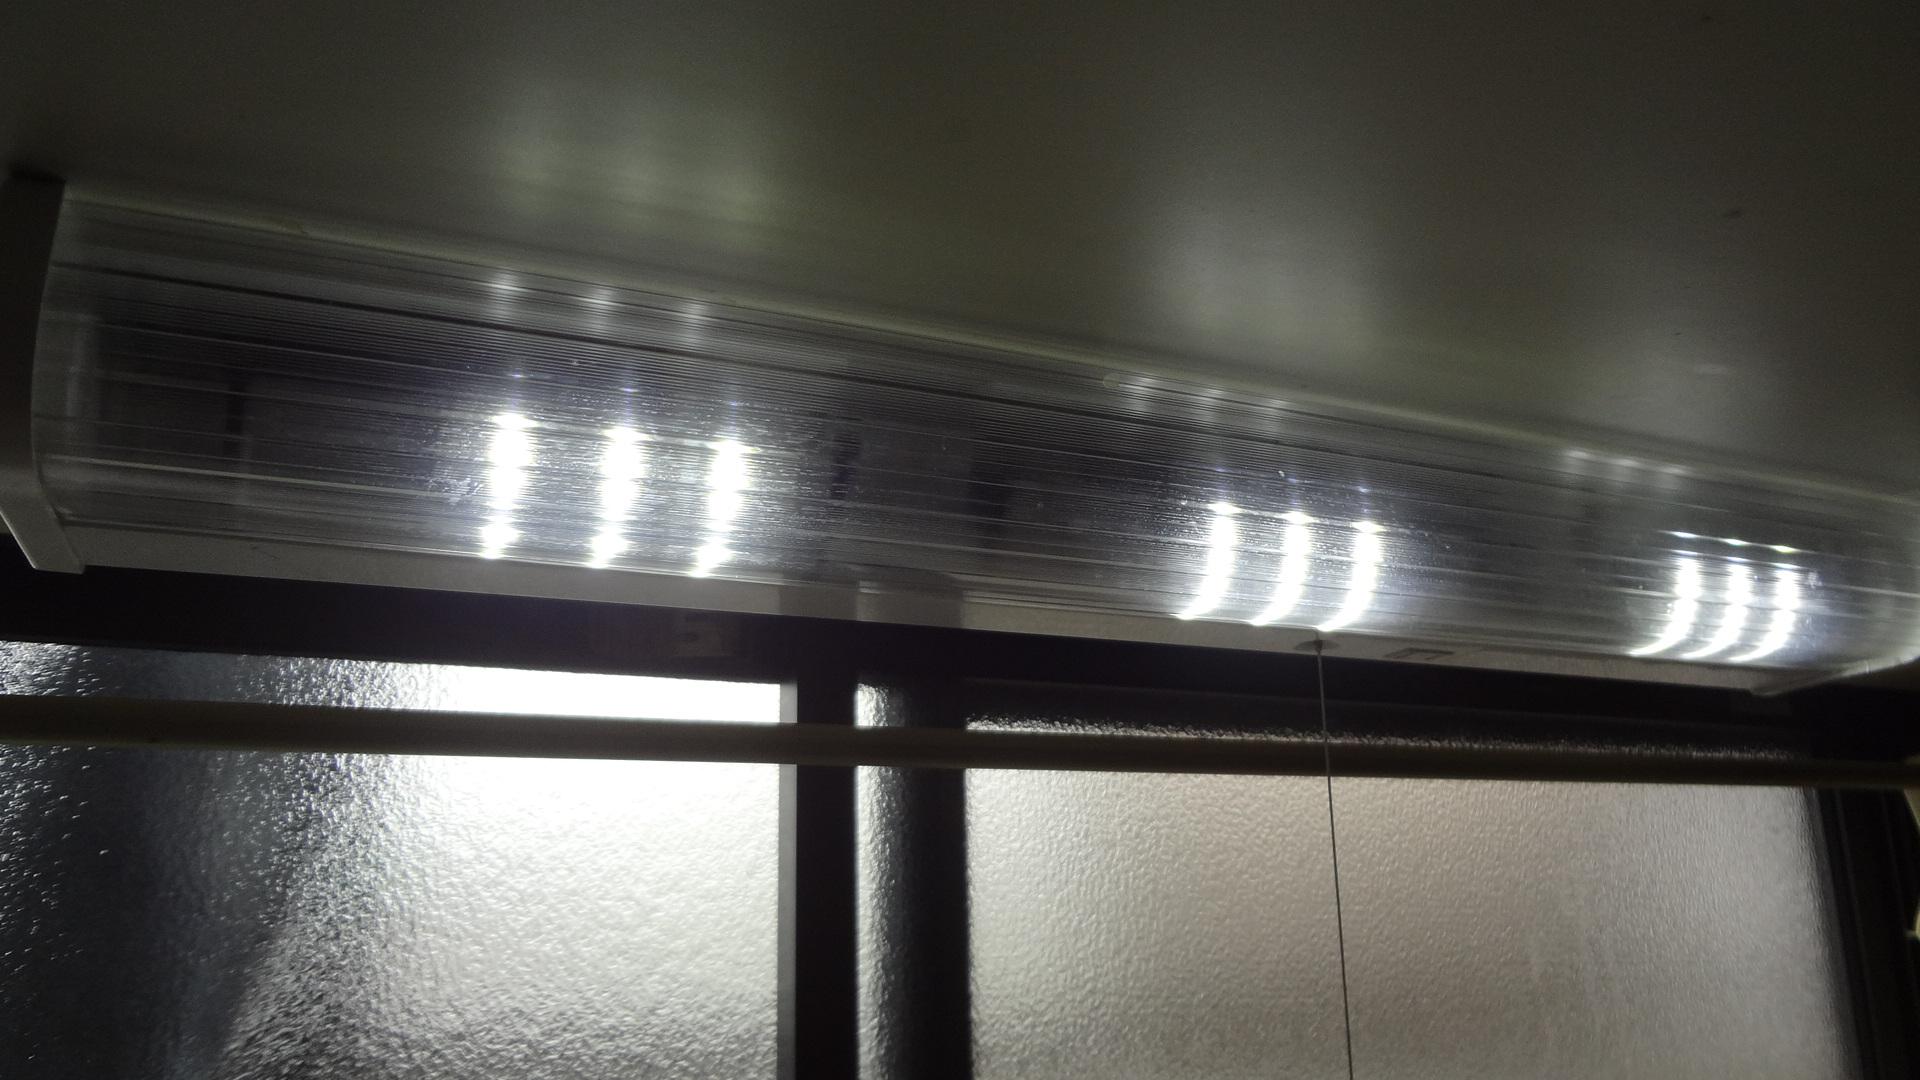 LEDモジュールを使って、かんたんにキッチン蛍光灯照明器具をLEDに改造できた。